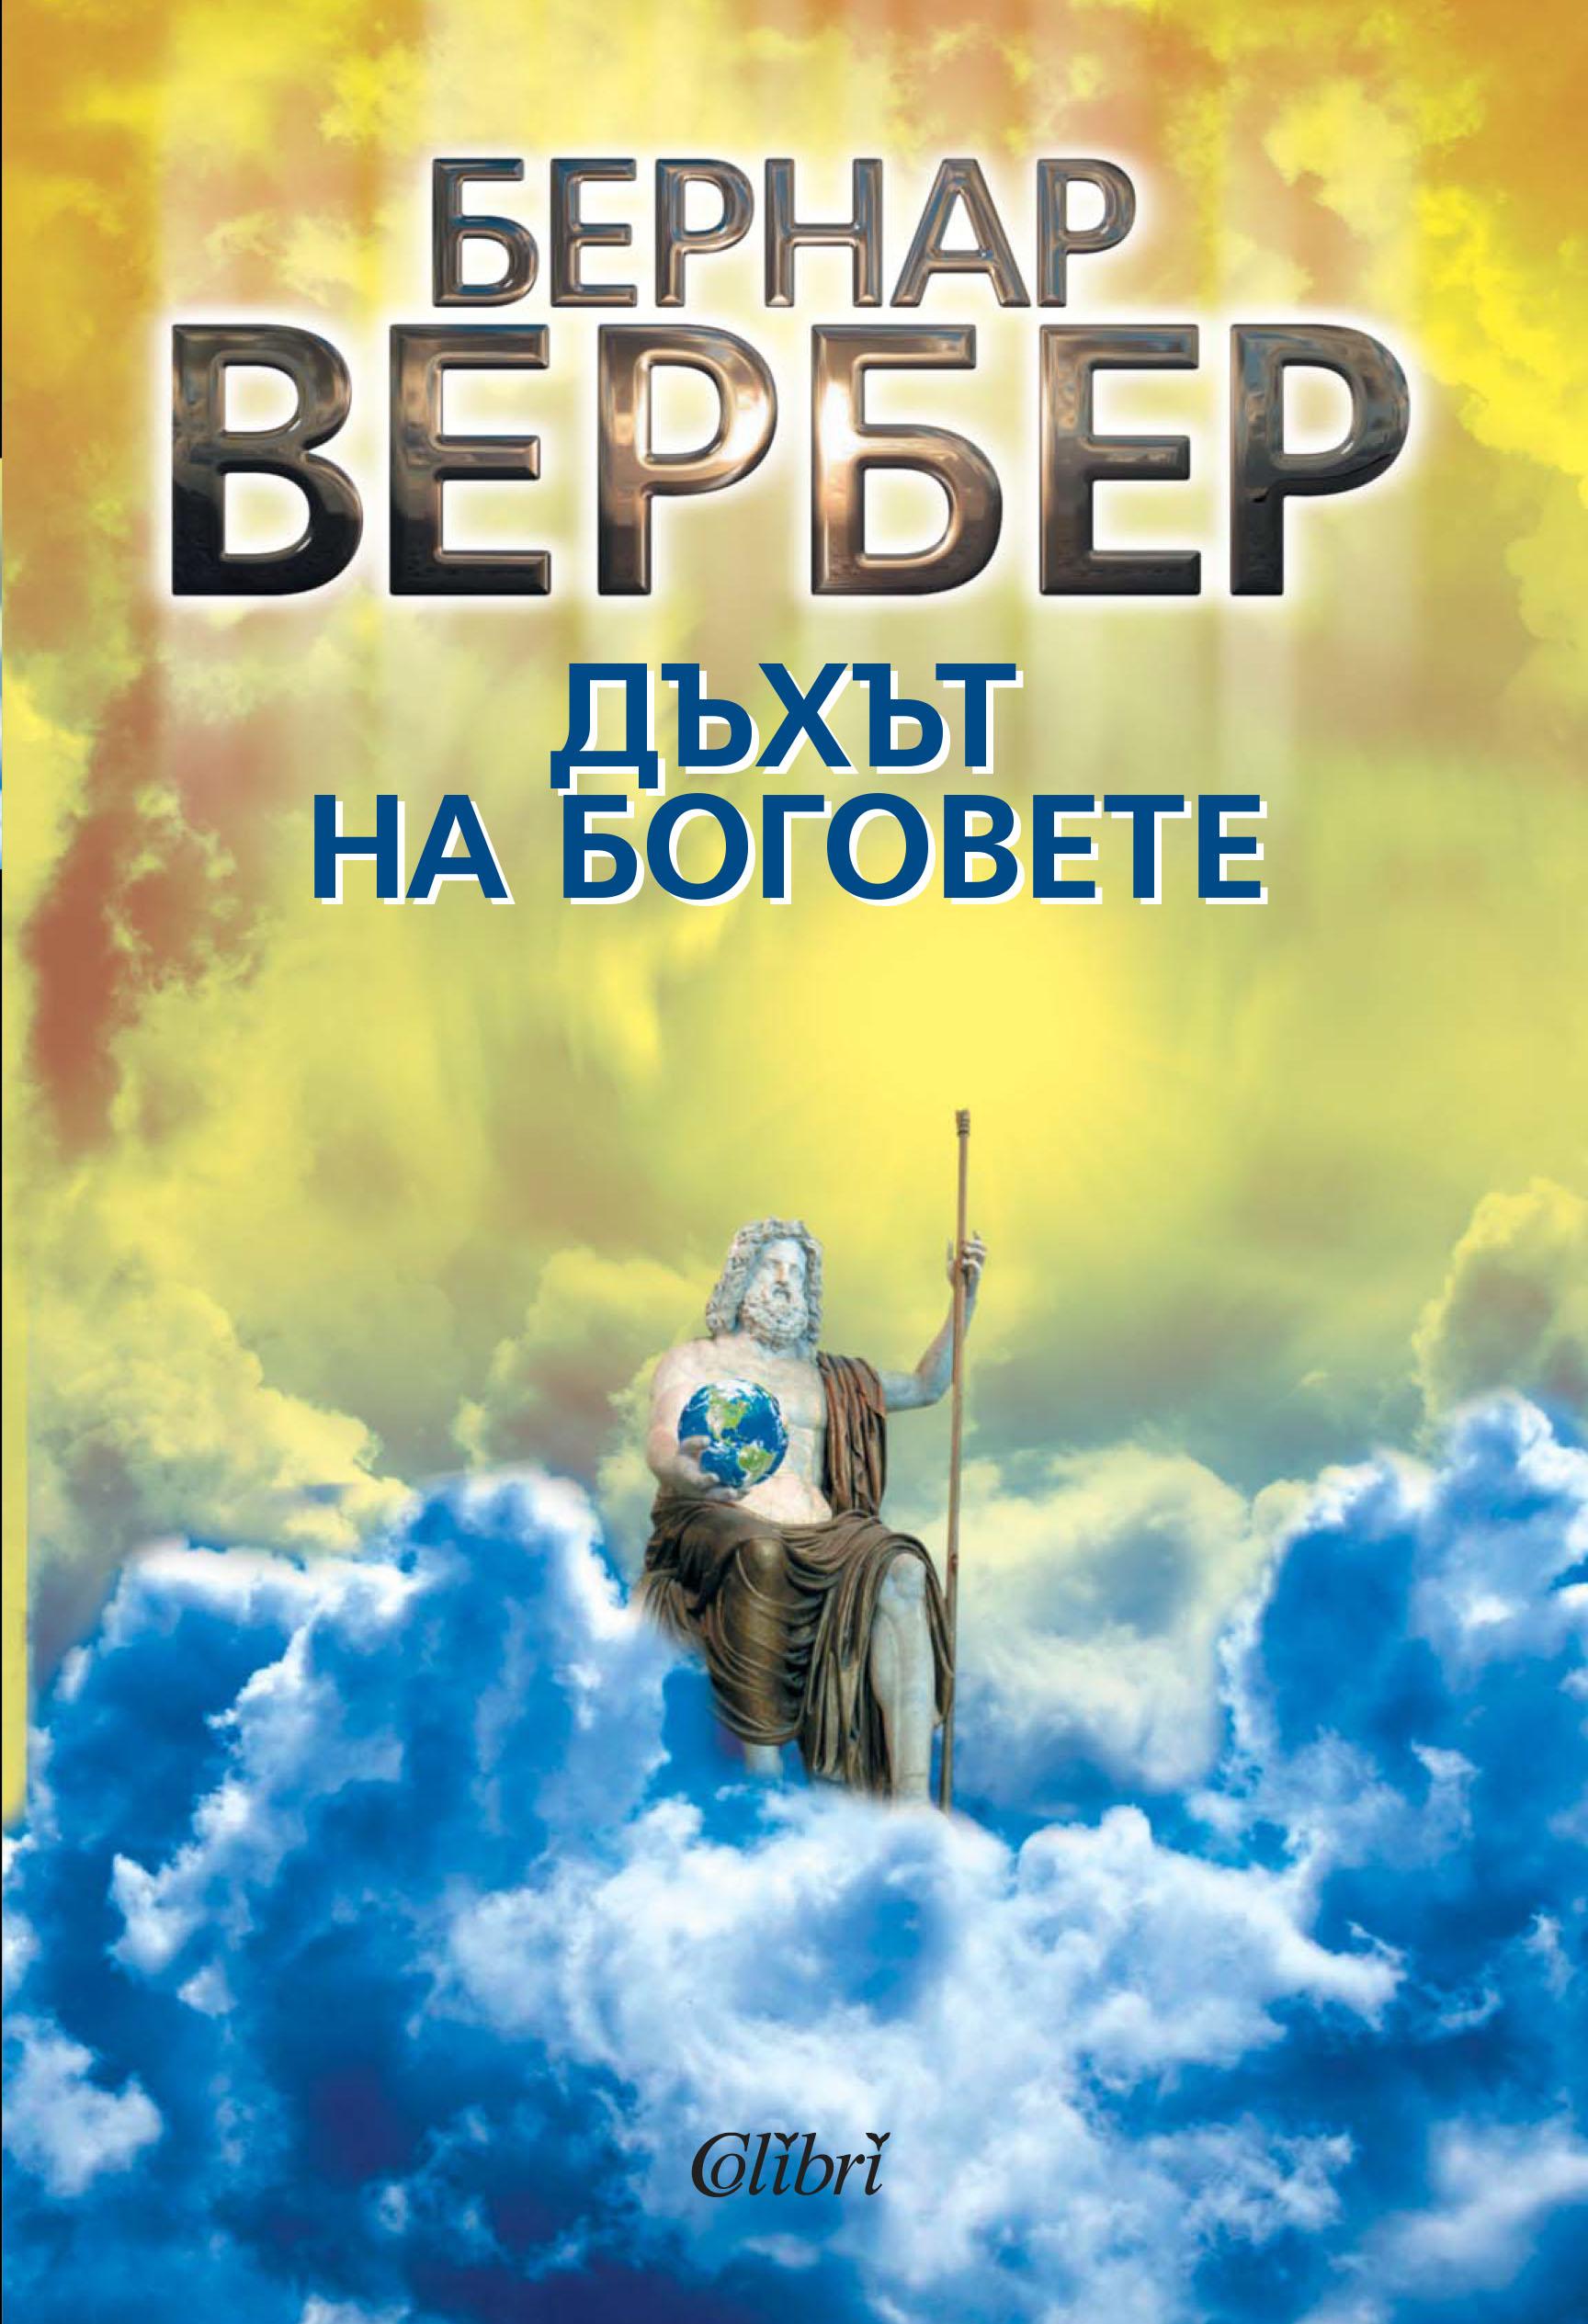 """Бернар Вербер – """"Дъхът на боговете"""""""